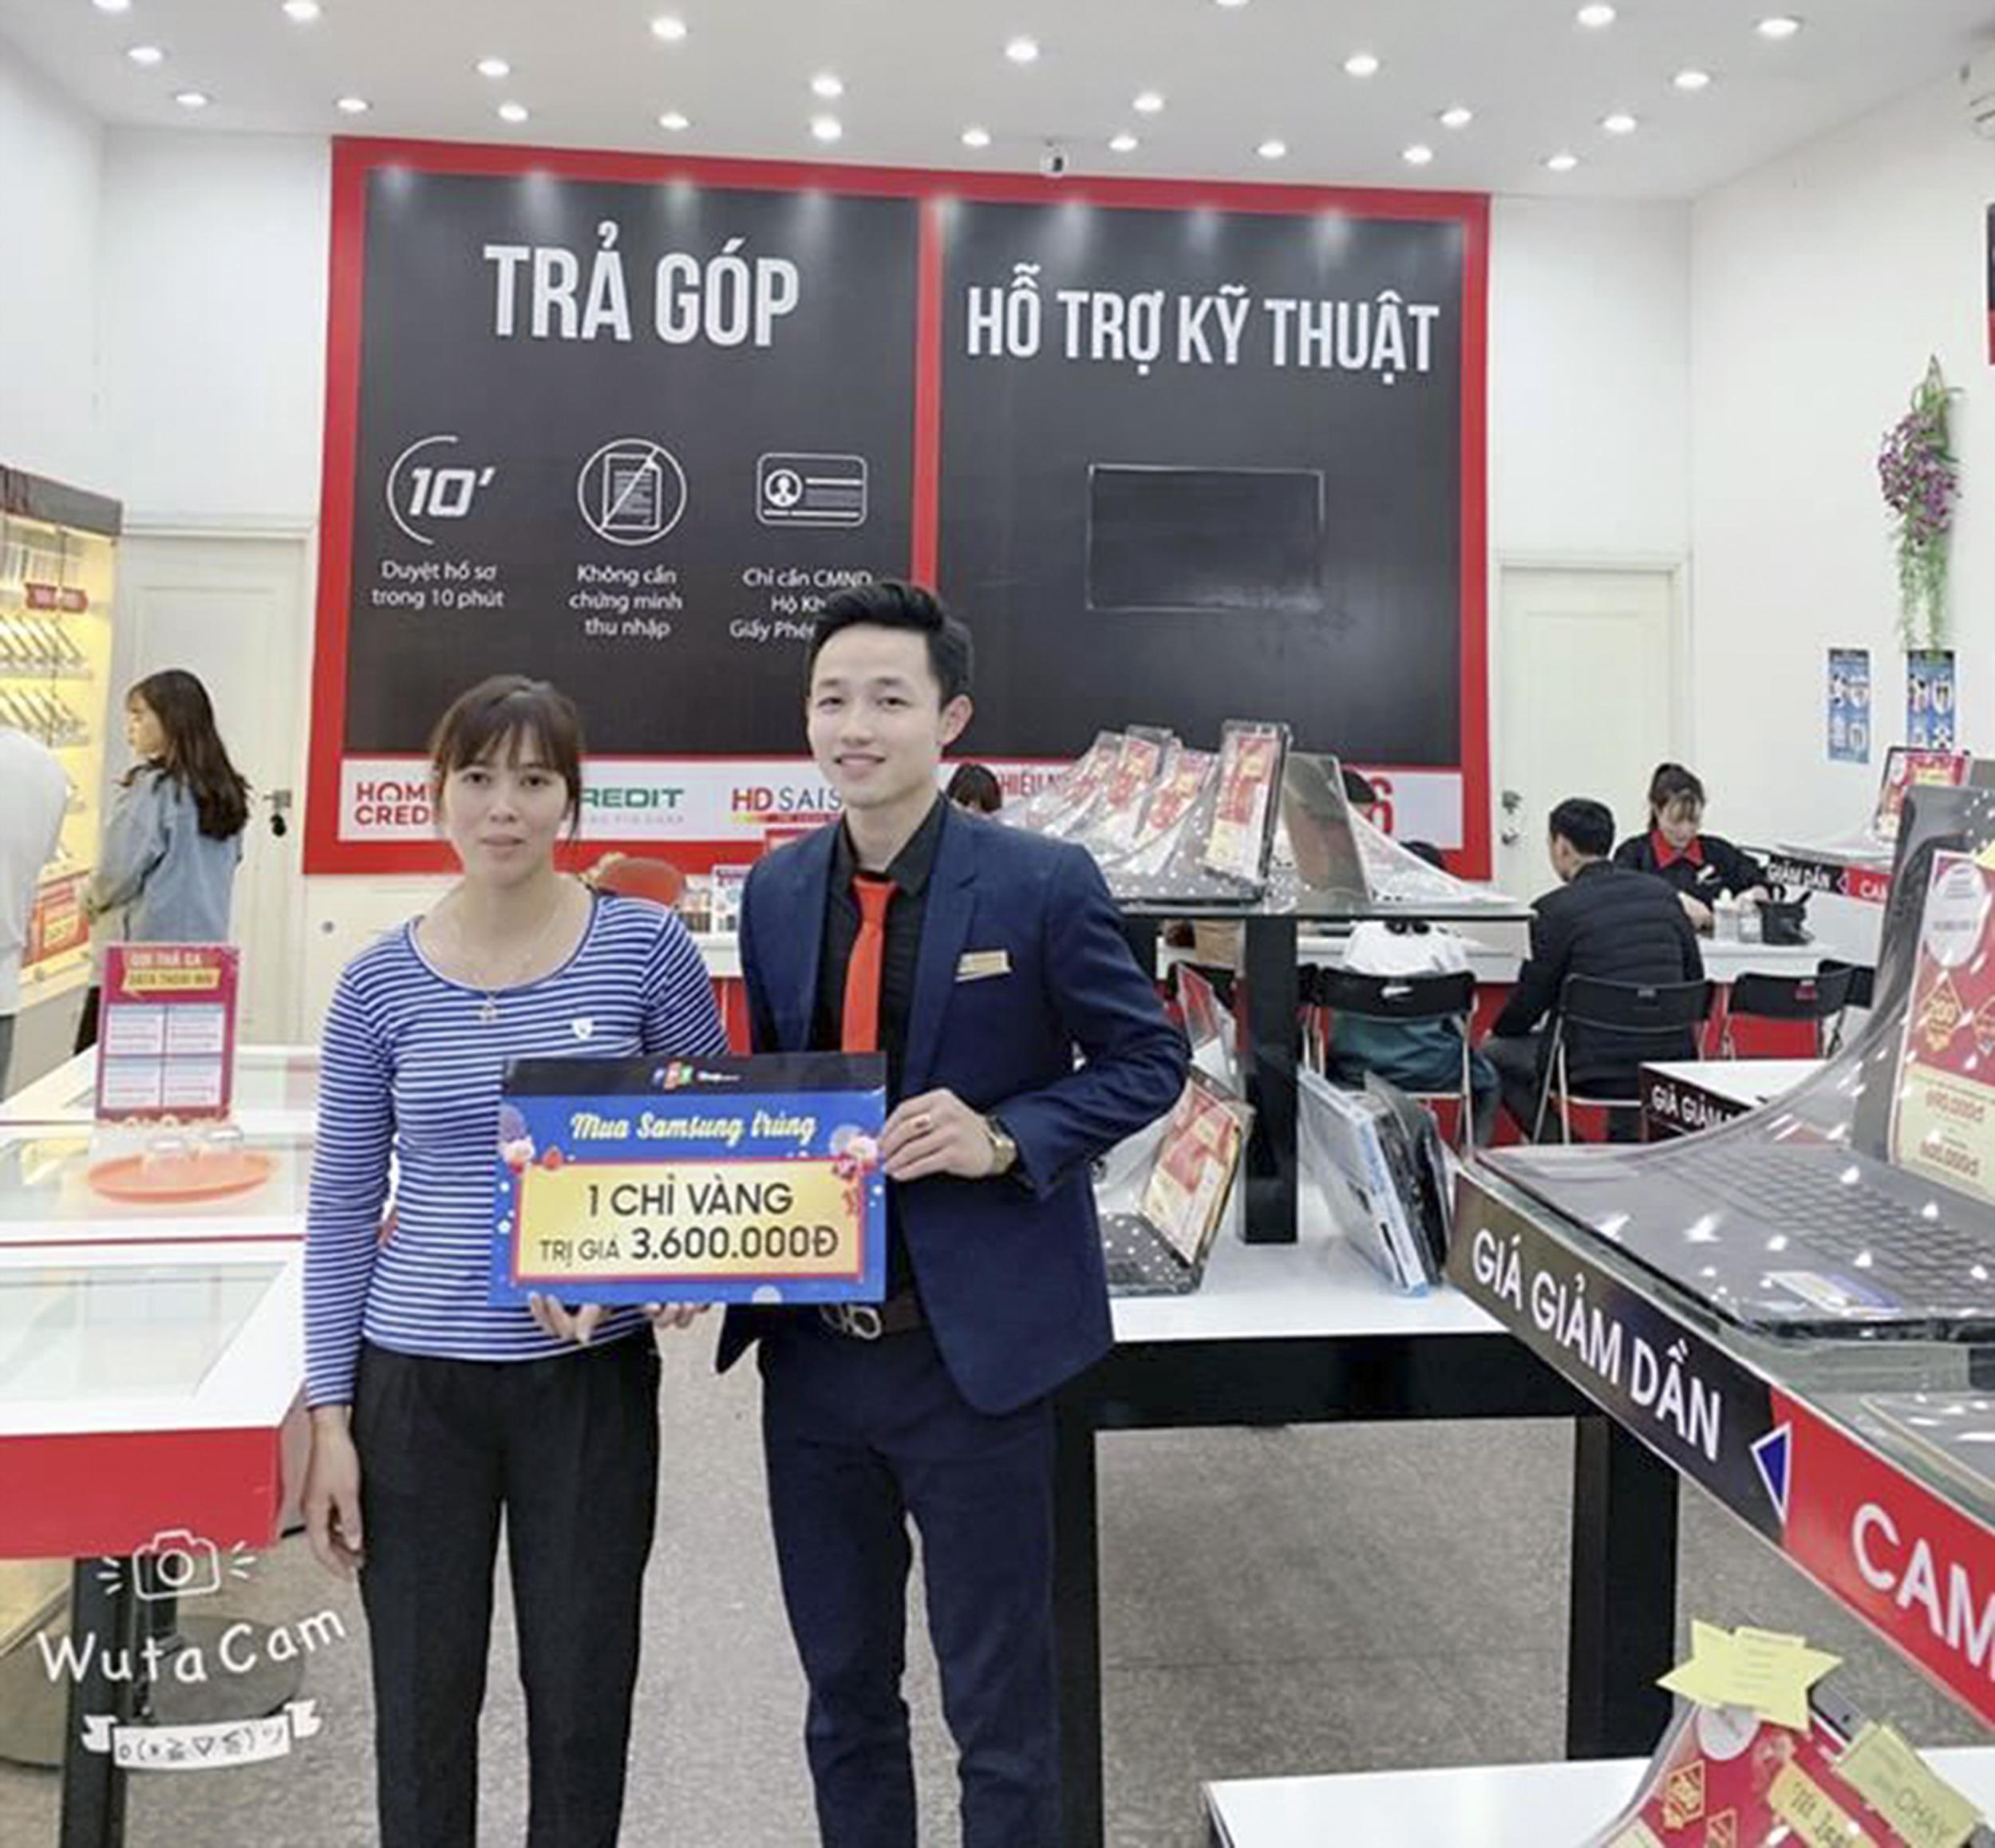 Anh Nguyễn Văn Hải, Phó Quản lý FPT Shop số 89 Nguyễn Hữu Tiến, thị trấn Đồng Văn, Duy Tiên, Hà Nam, trở thành Nam vương của cuộc thi. Anh đạt 80,4 tổng điểm, gồm: 57,9 điểm bình chọn online và 22,5 điểm do BGK chấm.